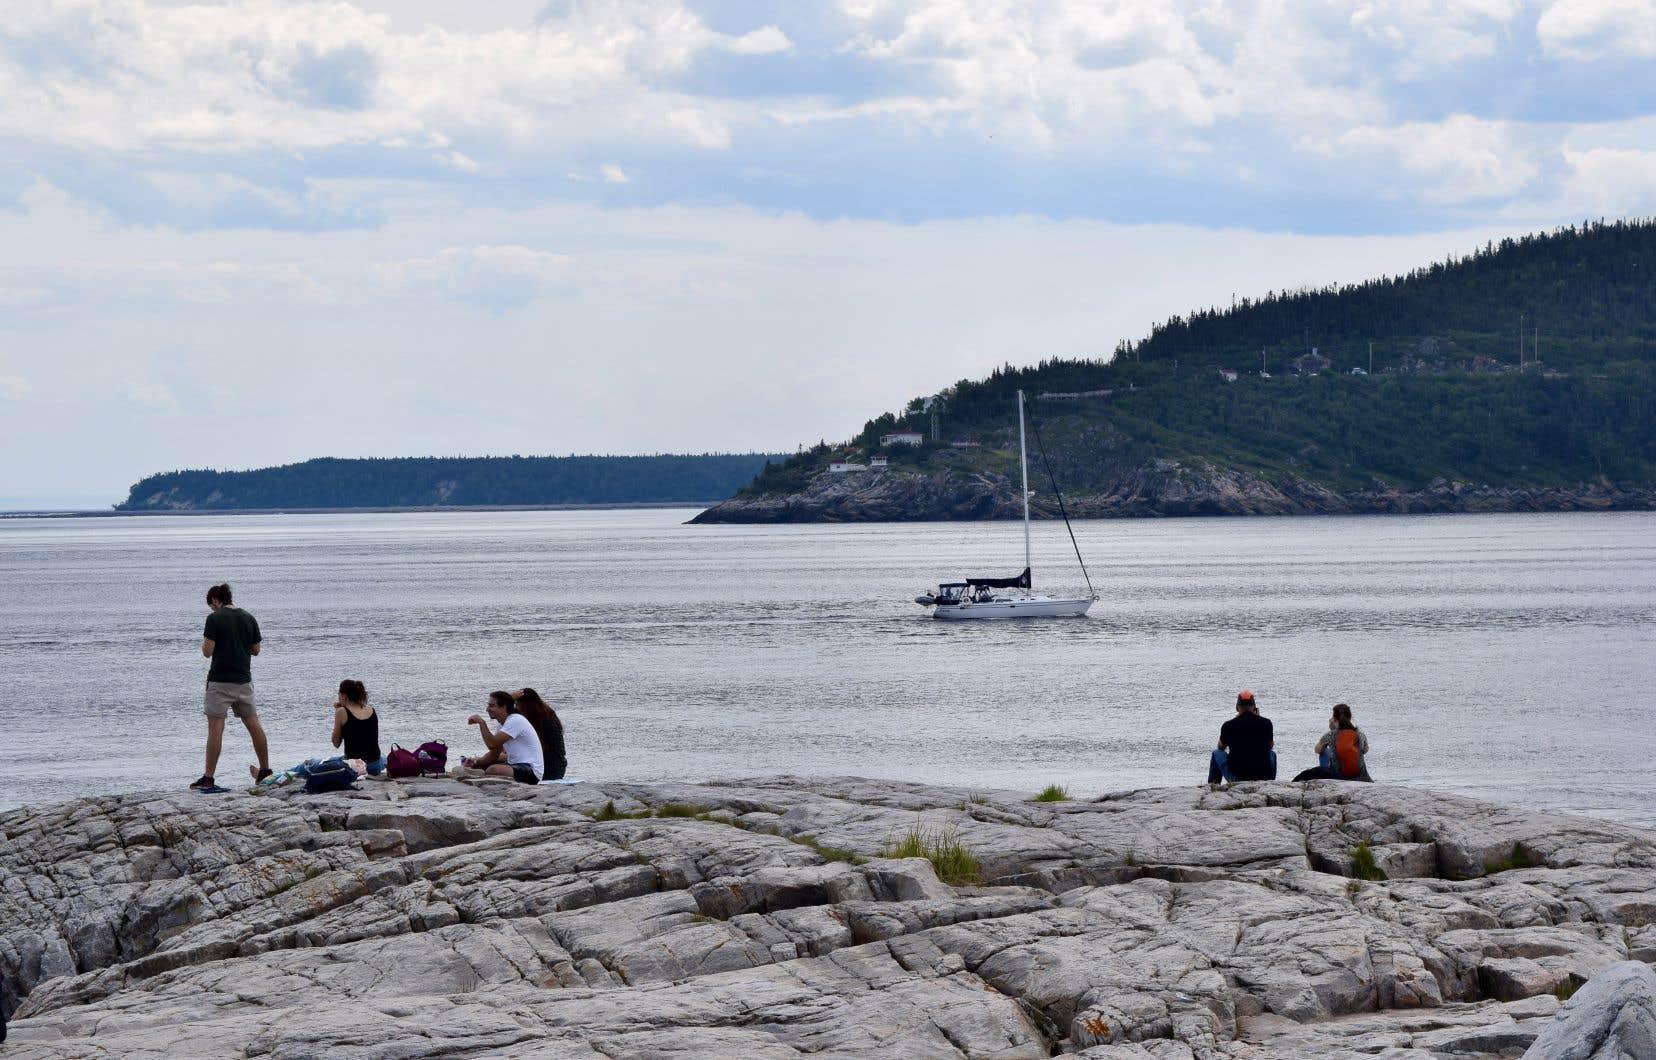 «L'industrie touristique est importante dans la région et on ne voudrait surtout pas développer un secteur industriel pour nuire à une autre industrie», souligne Stéphane Tremblay, porte-parole de GNL Québec.